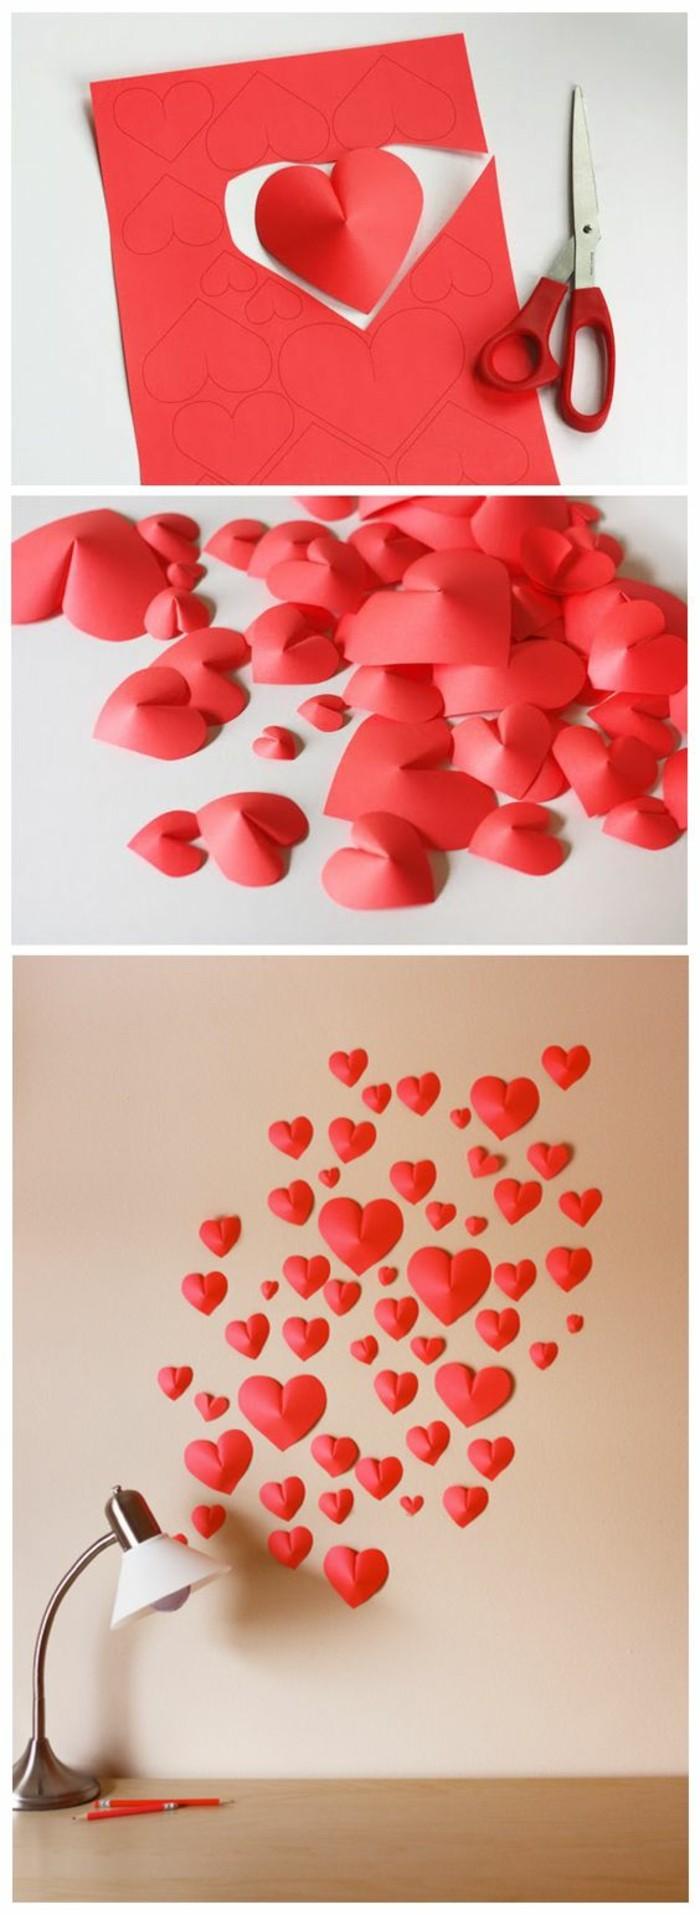 coeurs en papier, figures découpées en papier rouge, ciseaux, déco coeurs dispersés collés au mur